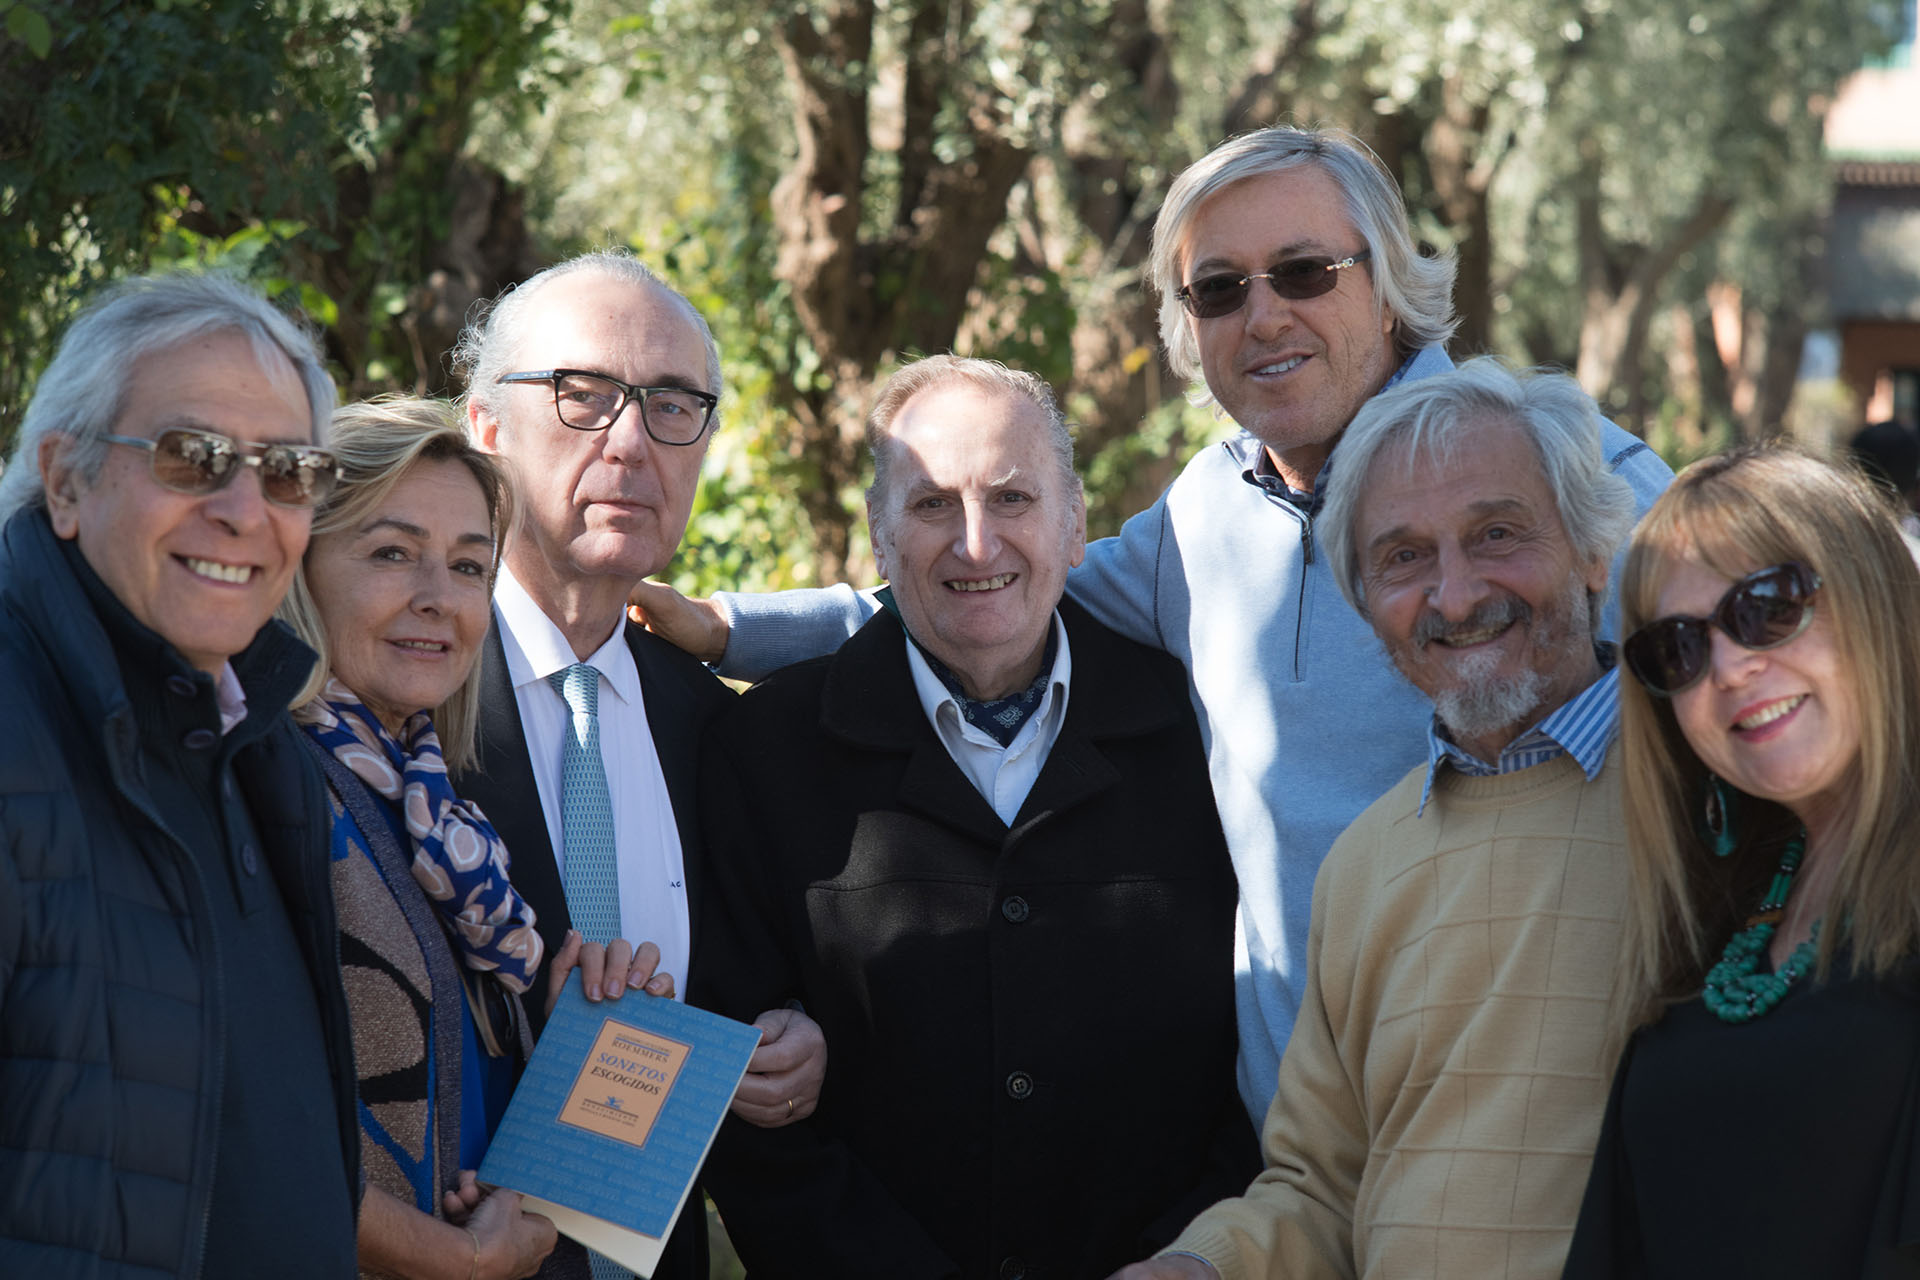 Norbereto Warlean, Alicia Mariño, Luis Alberto de Cuenca y Prado, Antonio Requeni, Alejandro Roemmers, Roberto Alifano y Marilis Luna Dávila